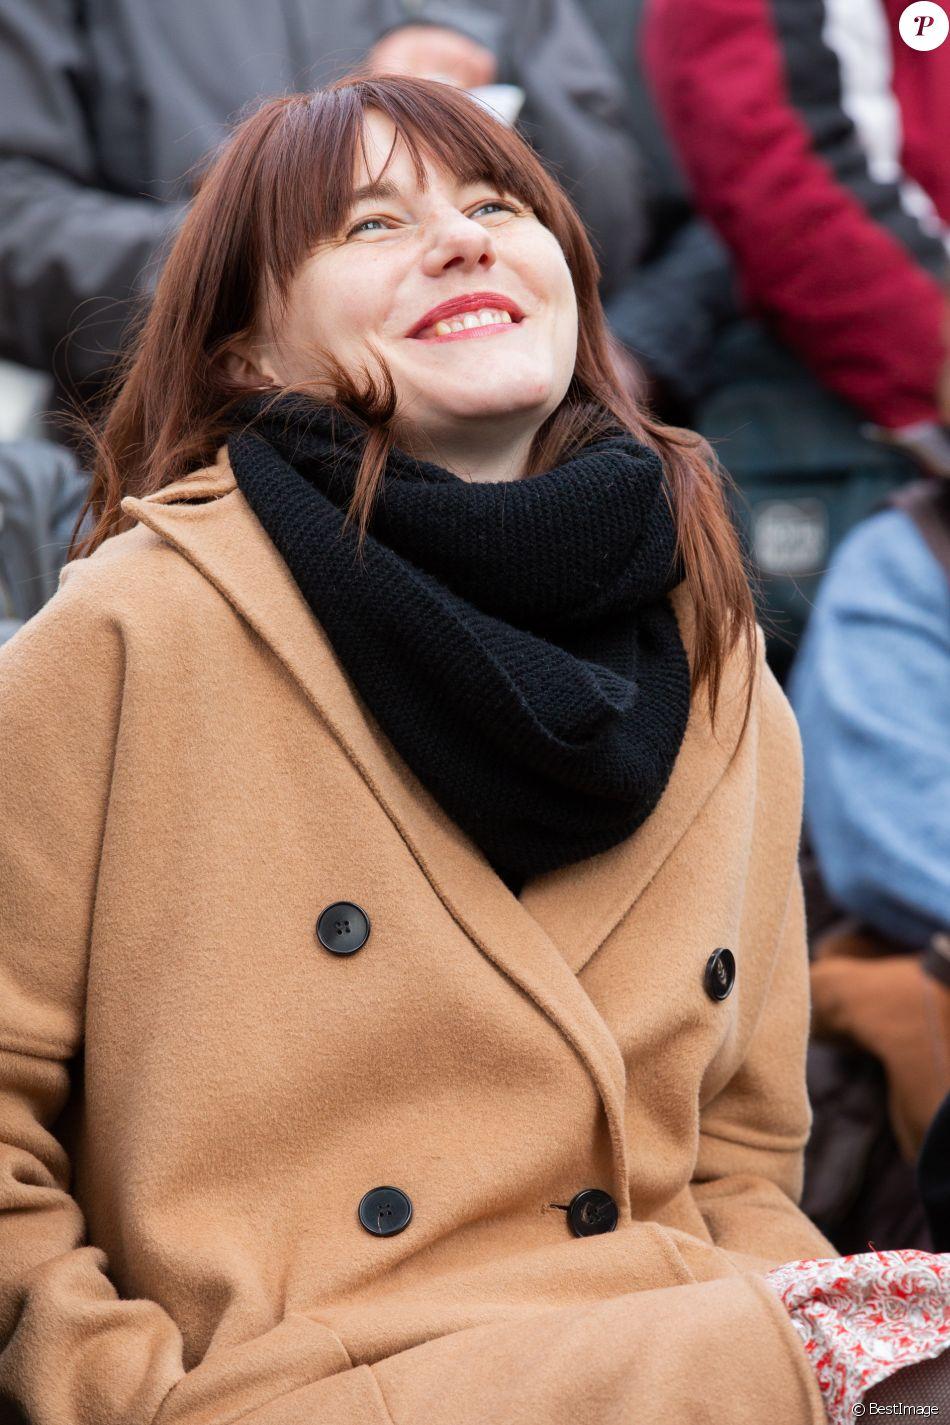 Exclusif - Lou Villafranca, la fille de Maurane - Inauguration du square Maurane, un an après sa mort, à Schaerbeekprès de Bruxelles, Belgique, le 7 mai 2019. © Alain Rolland / Imagebuzz / Bestimage